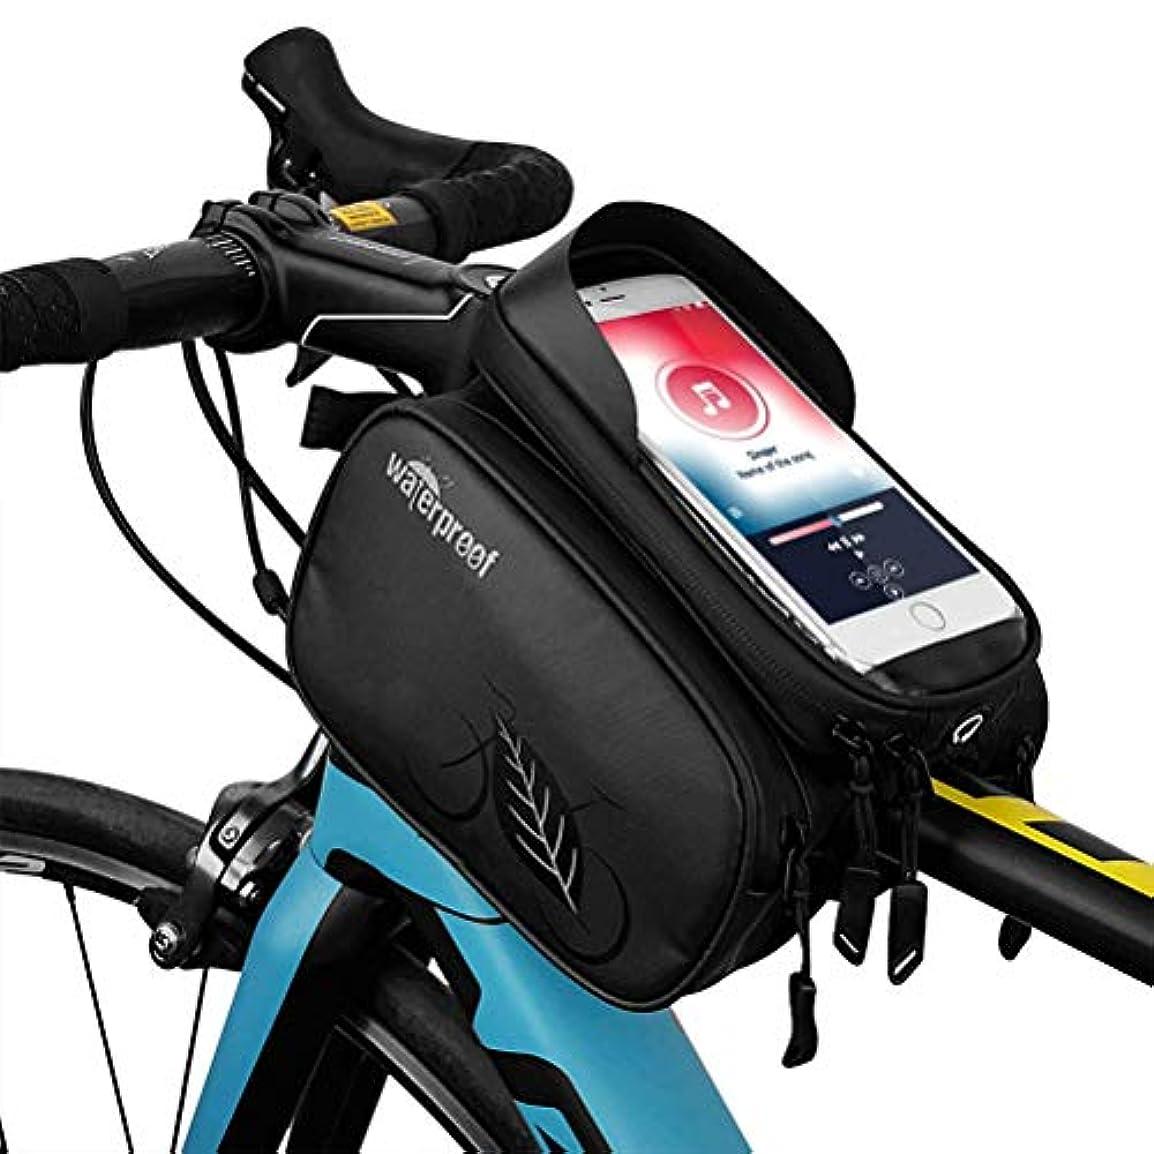 また明日ね休憩するリングレット7インチ 防水 スマホホルダー 自転車、インストールが簡単 自転車携帯電話ホルダー サンバイザー付き そしてヘッドフォンジャック 大容量 自転車フレームバッグ 敏感なタッチスクリーン